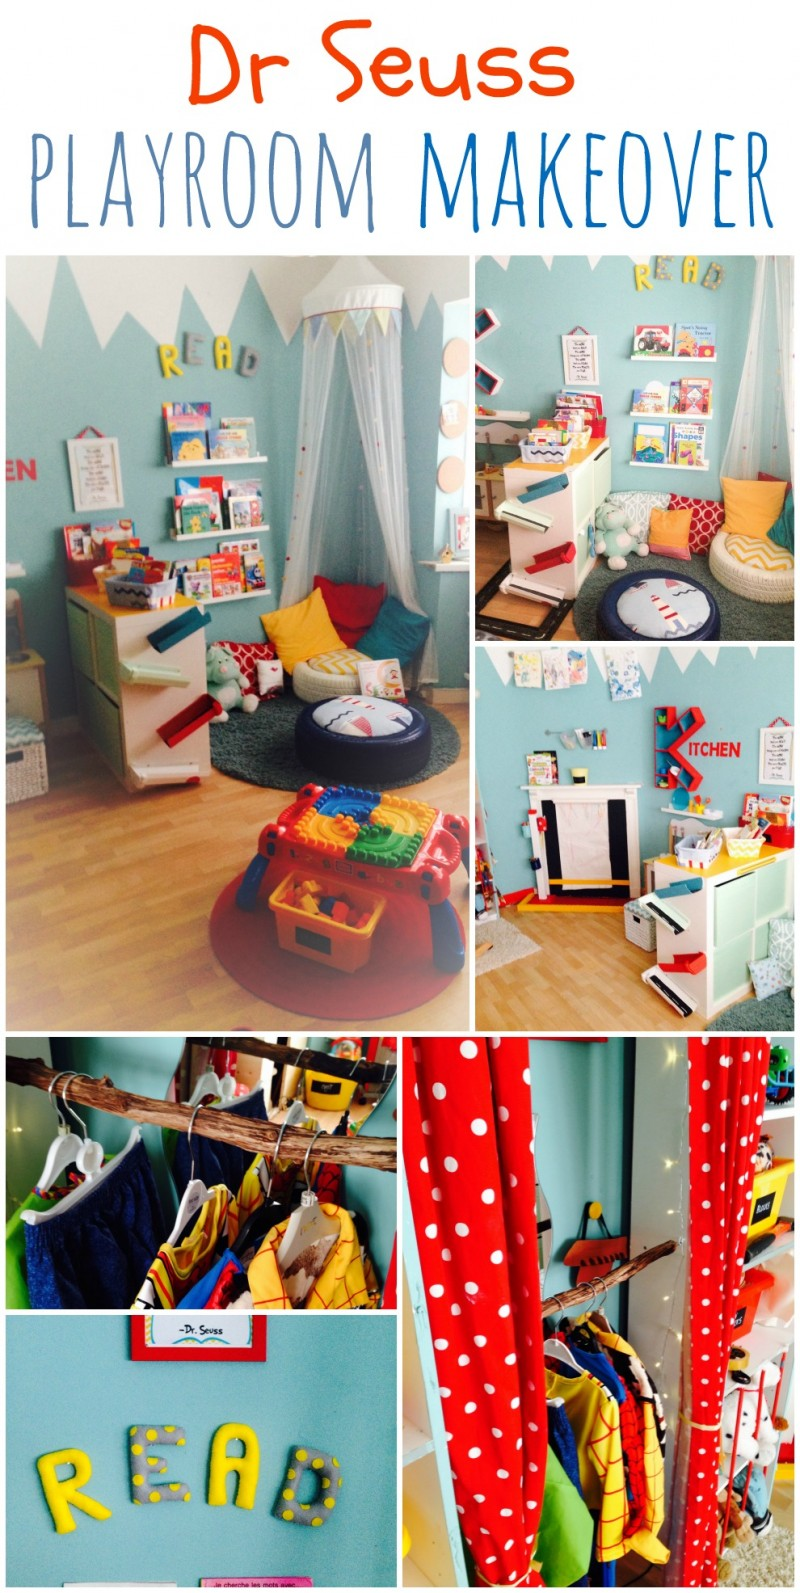 Dr Seuss Playroom Makeover